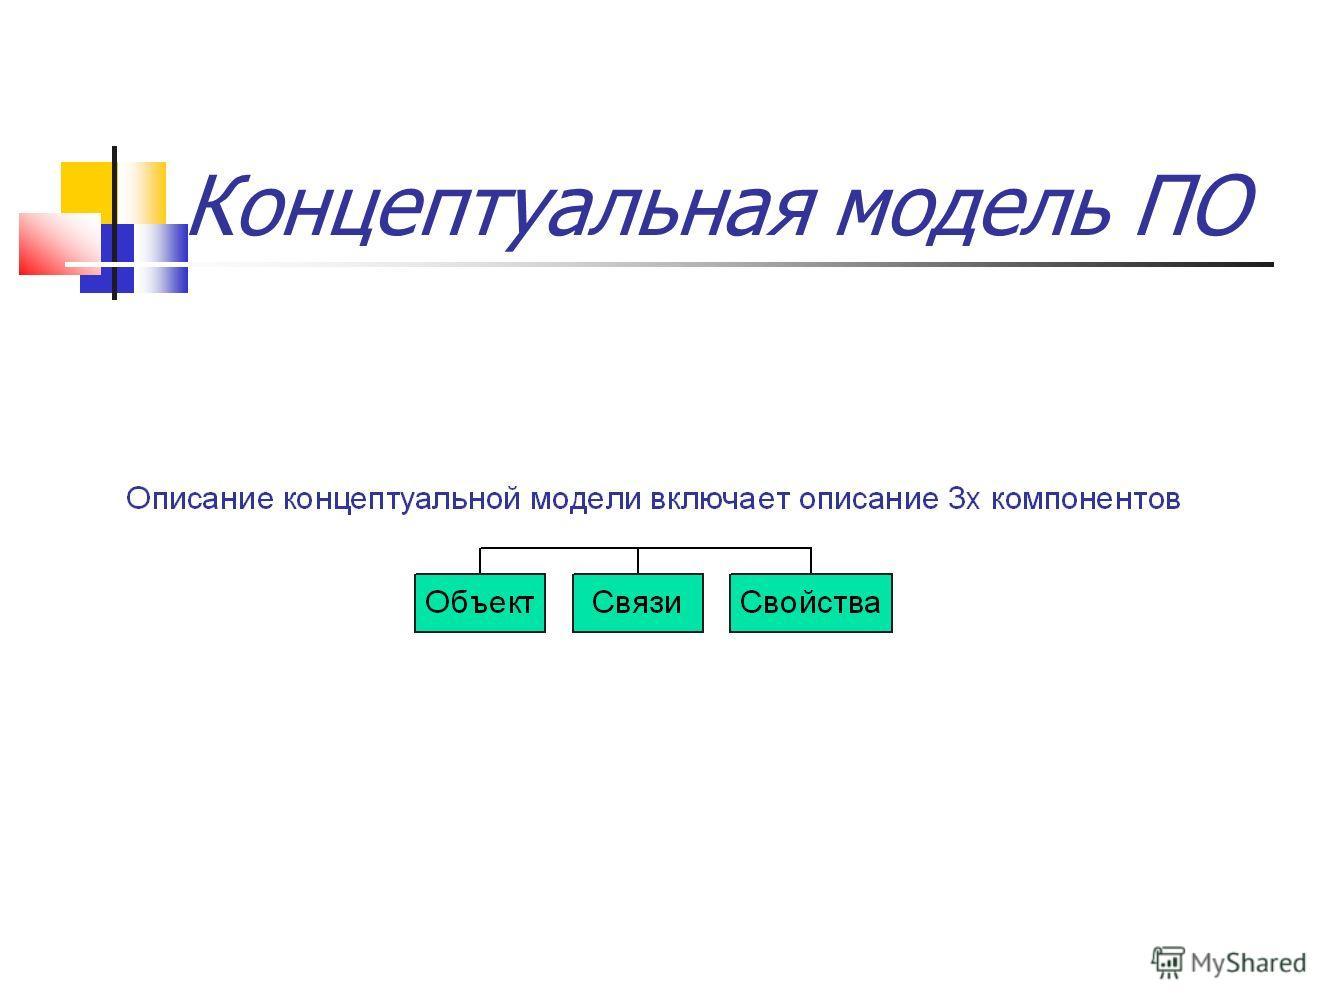 Концептуальная модель ПО